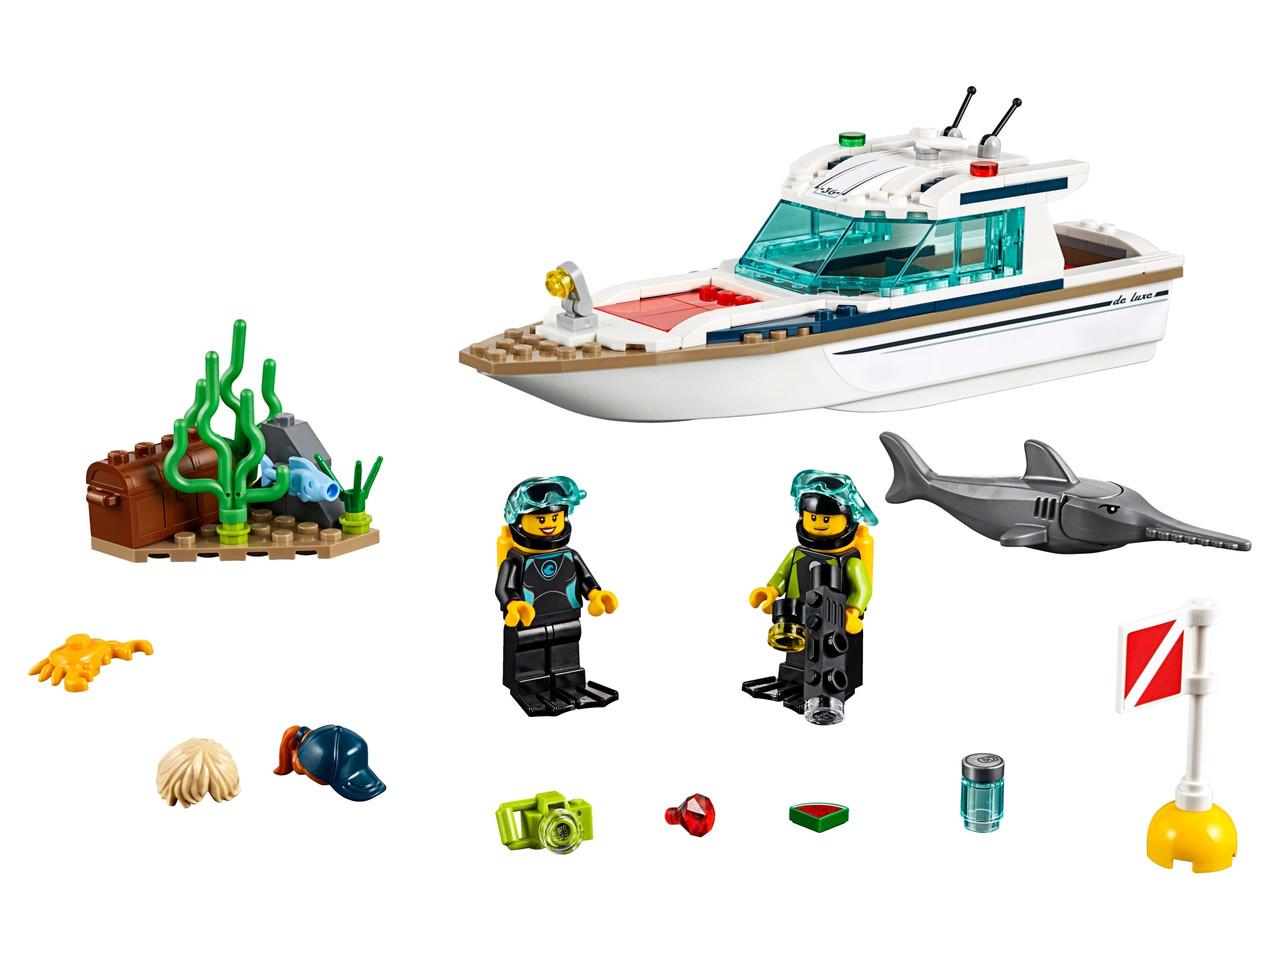 Конструктор LEGO Яхта для дайвинга 148 деталей (60221)